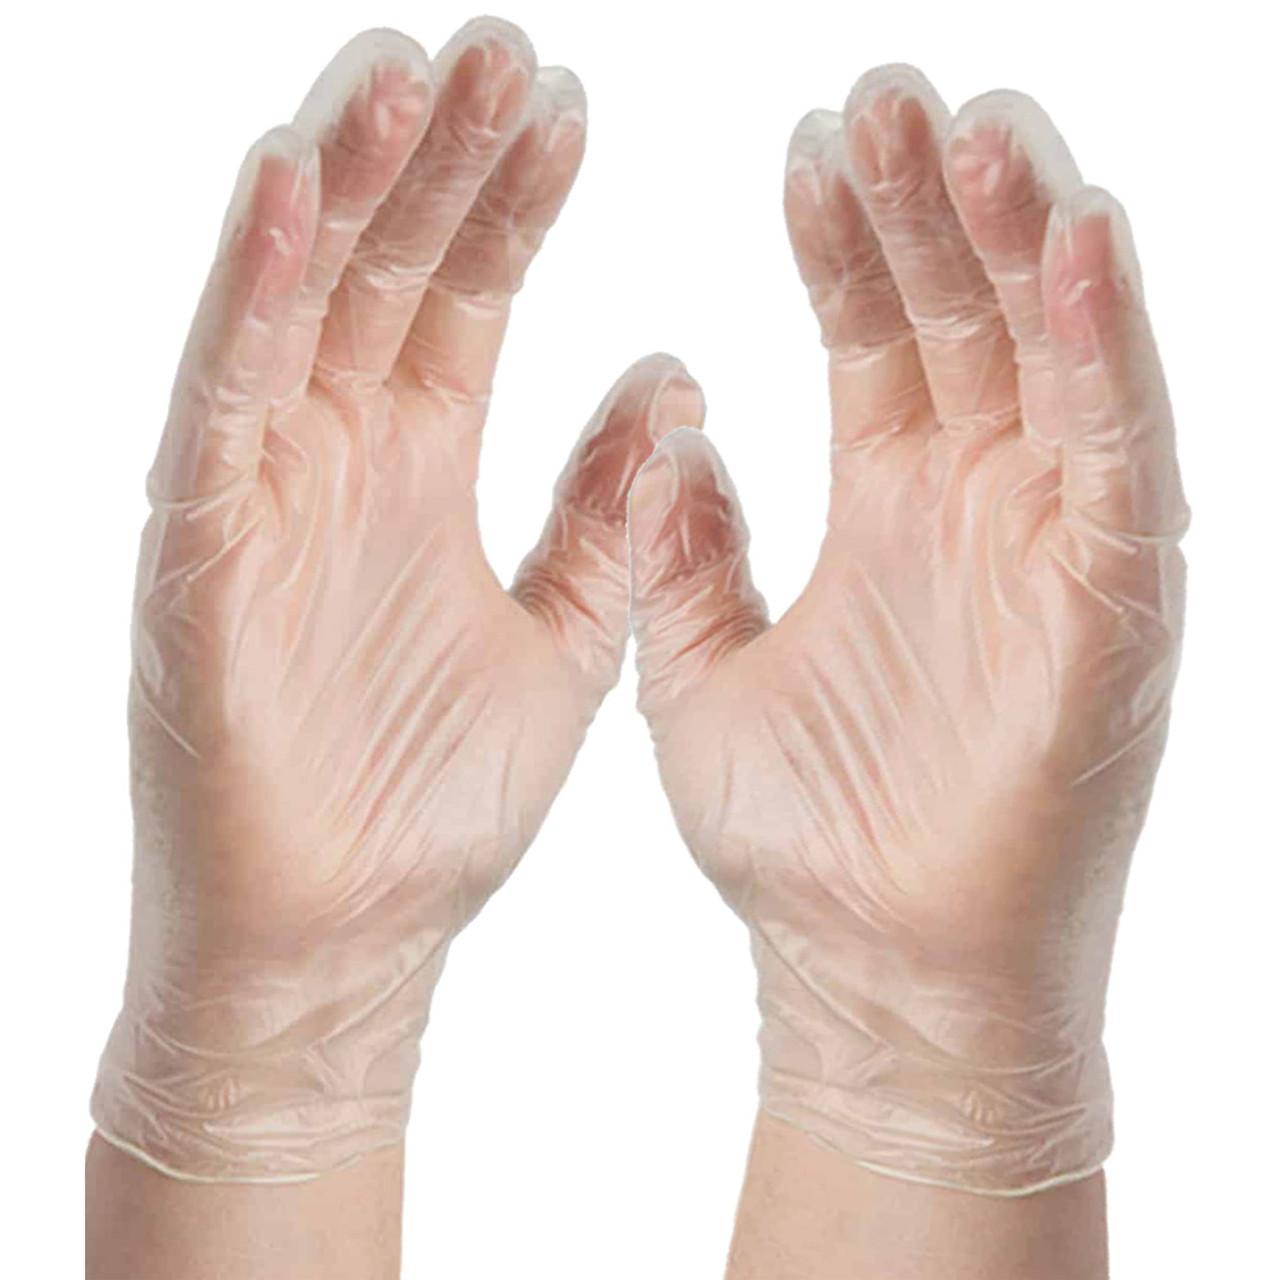 Latex free vinyl gloves meet or exceed ASTM D5250 standards.